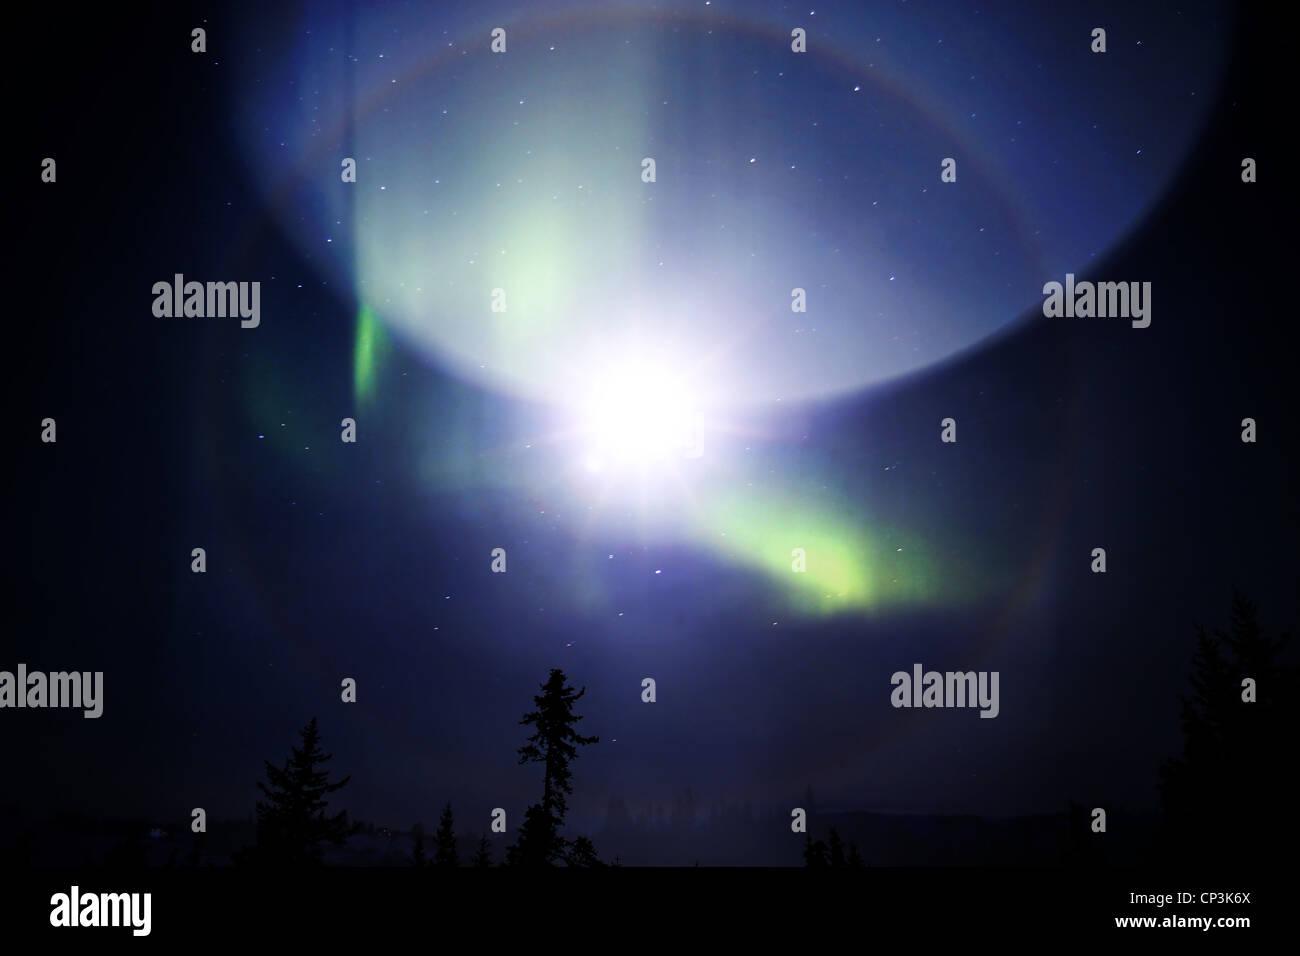 Seltsames Phänomen in den Himmel mit einem Science-Fiction-Look durch Schichtung Fotos erstellt. Stockbild